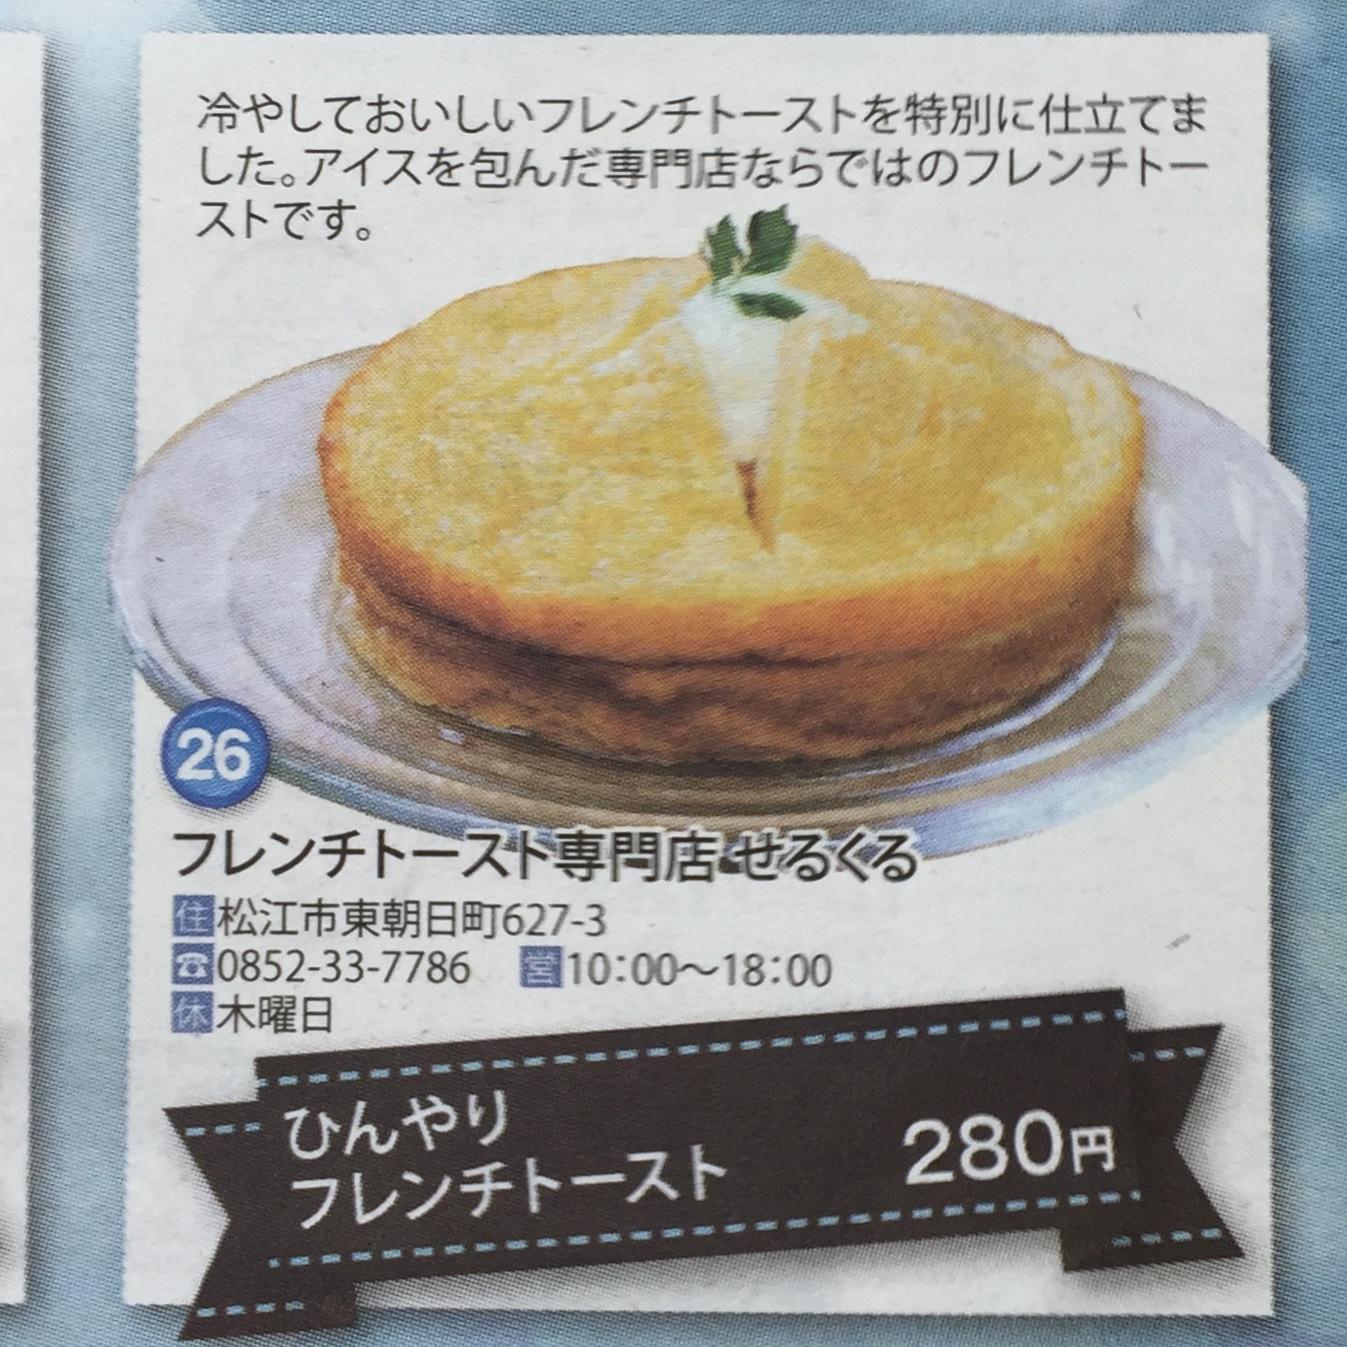 山陰中央新報 りびえ〜る ひんやりフレンチトースト